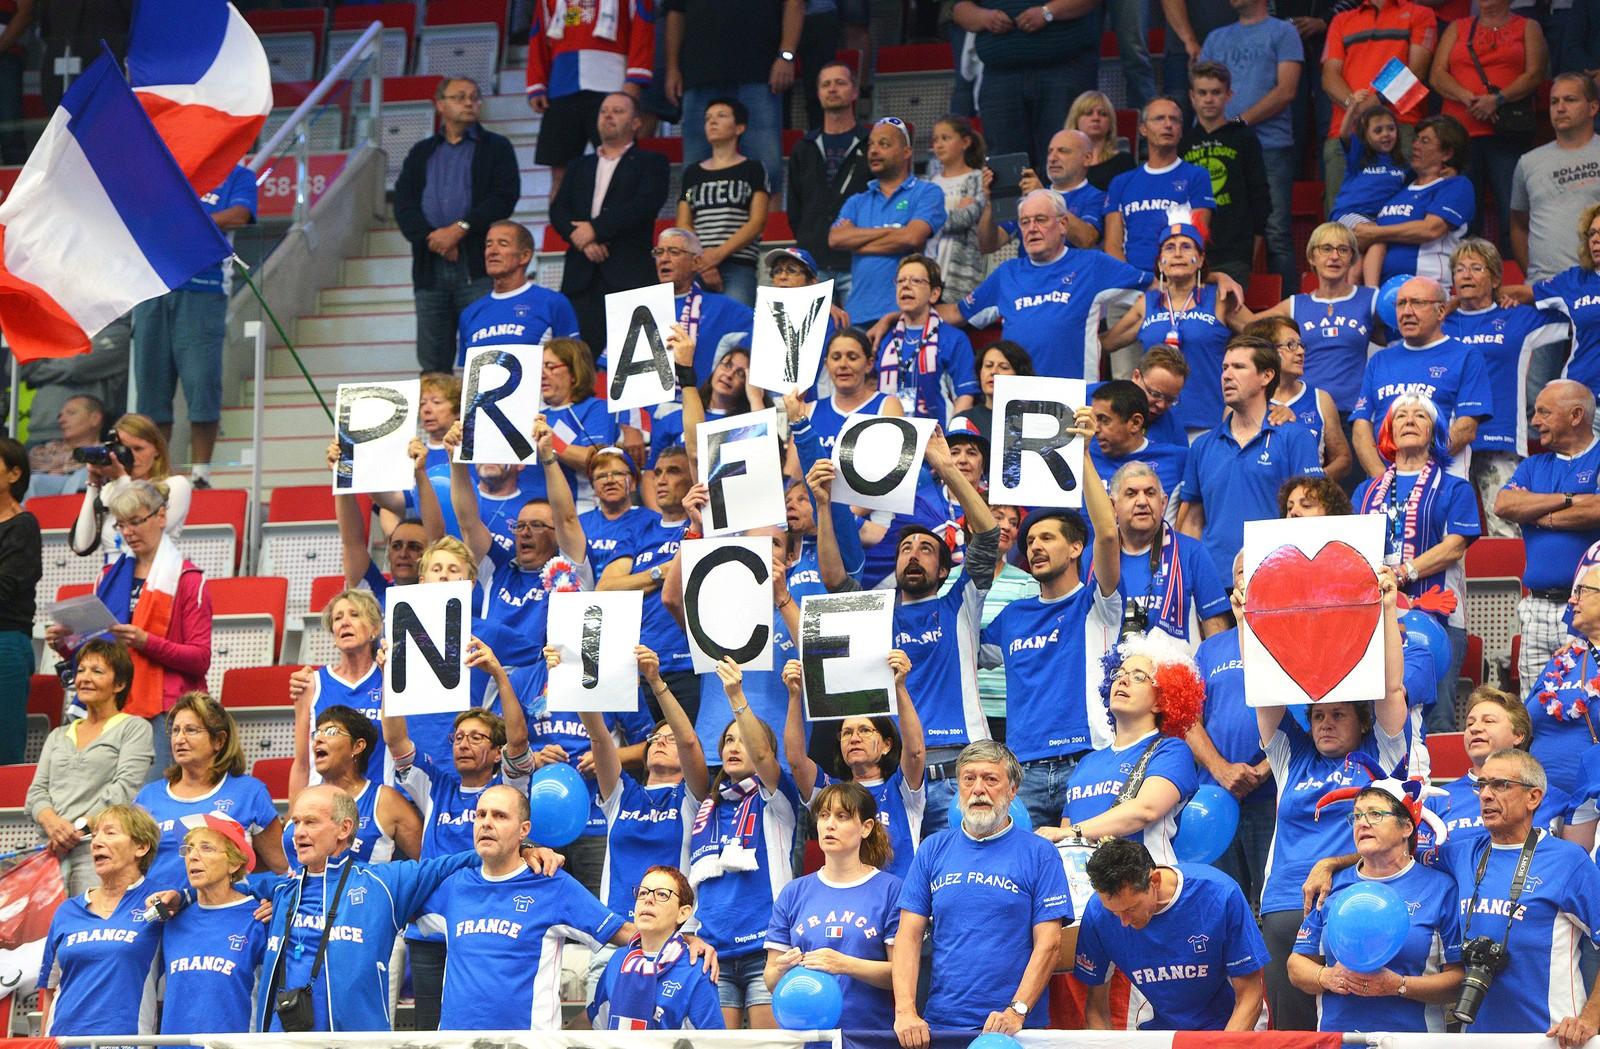 Ett minutts stillhet for terrorofrene ble markert da tennisturneringen Davies Cup ble åpnet i Trinec i Tsjekkia fredag.